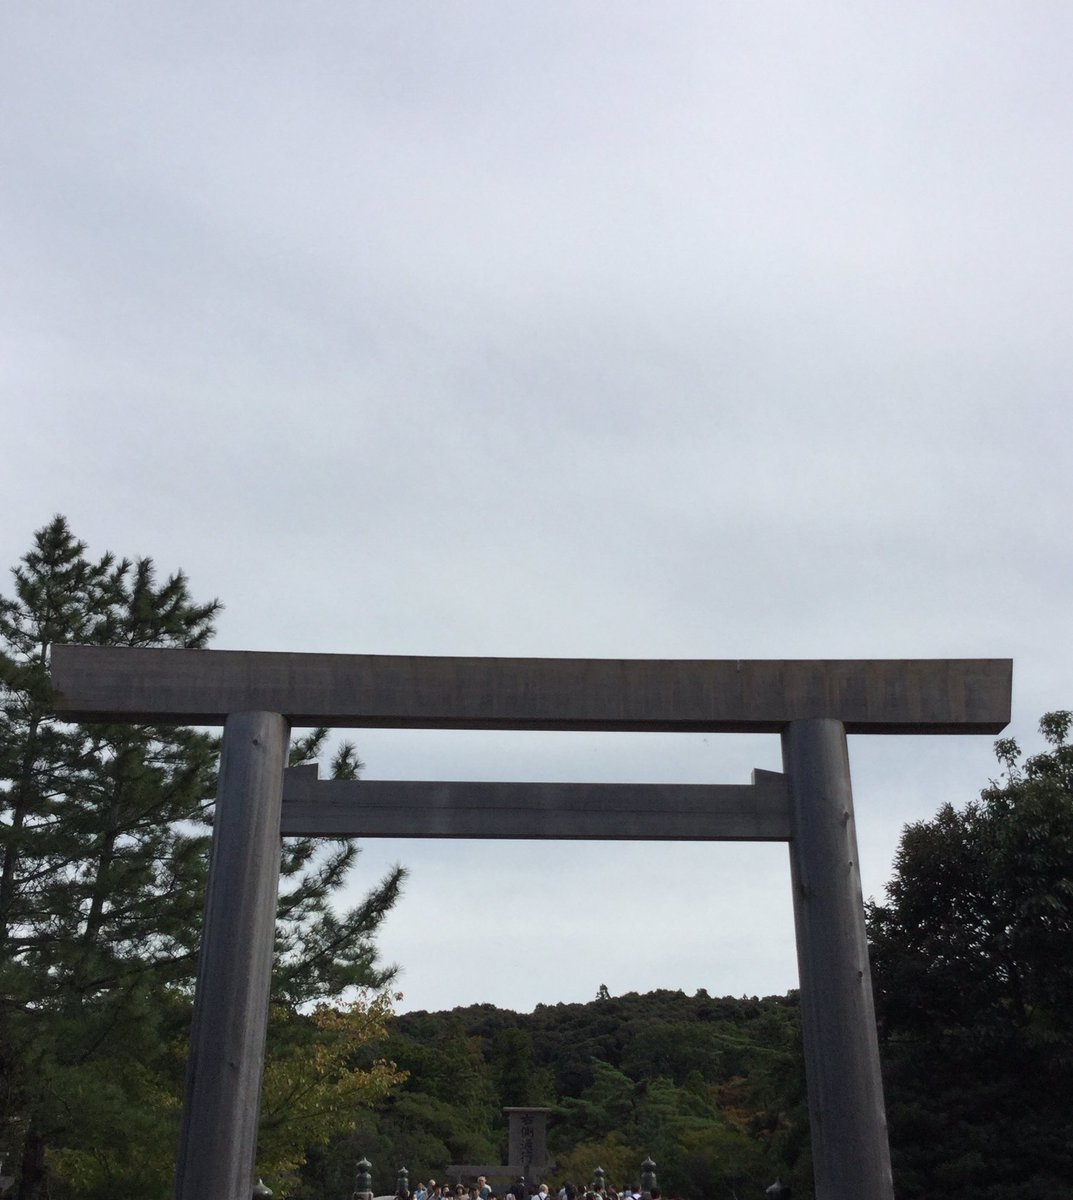 test ツイッターメディア - 五大属性的に相性最高らしいパワースポット伊勢神宮に連れて来てくれて、きっかありがとう これからなんかいいことありそうな気がする そういえば、赤福で「ミスター生き地獄」やらなかったなぁ #吉川友バスツアー2019 https://t.co/hJWCZm2Tle